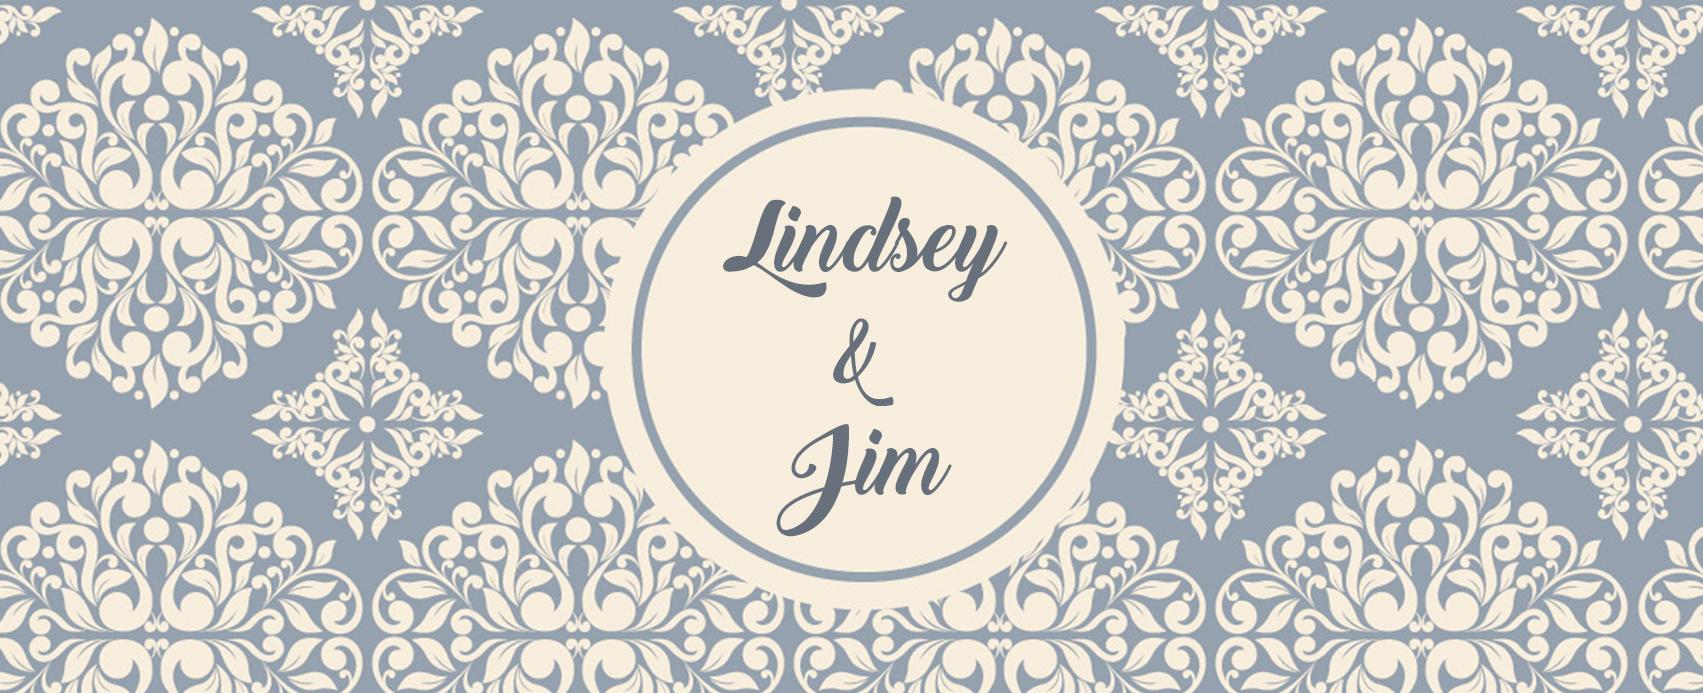 lindsey-JIM